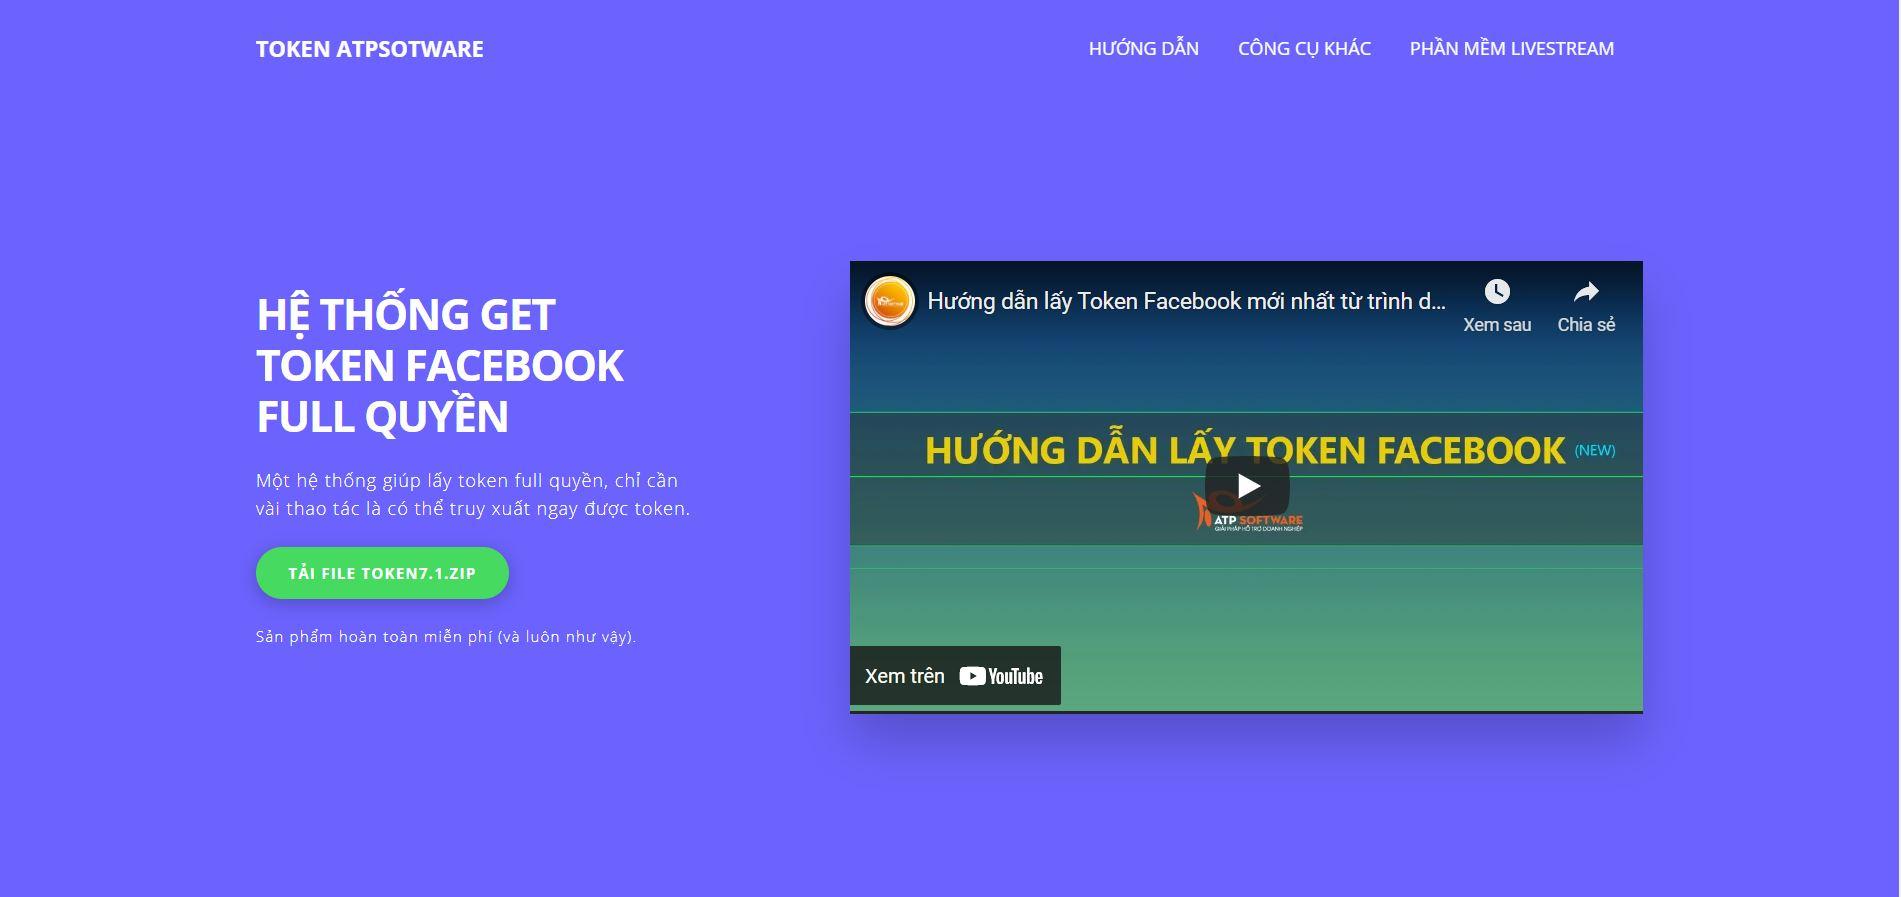 huong-dan-cah-lay-token-facebook-moi-nhat-2021-1